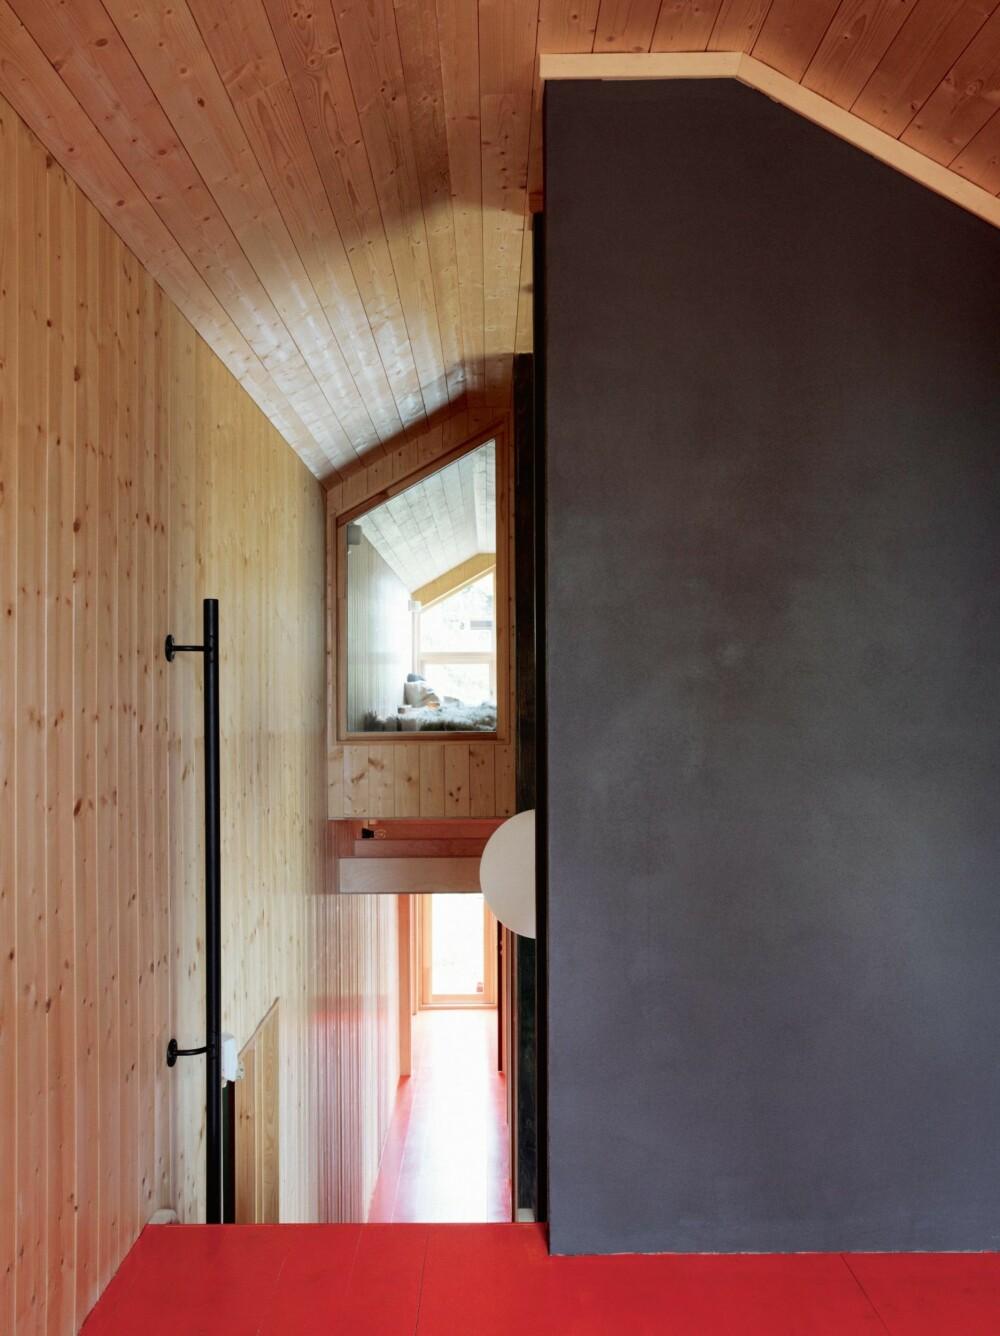 KREATIVT: De ulike hemsene fungerer som små pusterom og egne sfærer hvor den som vil ha litt tid for seg selv kan finne ro. Furupanel på tak og vegger.